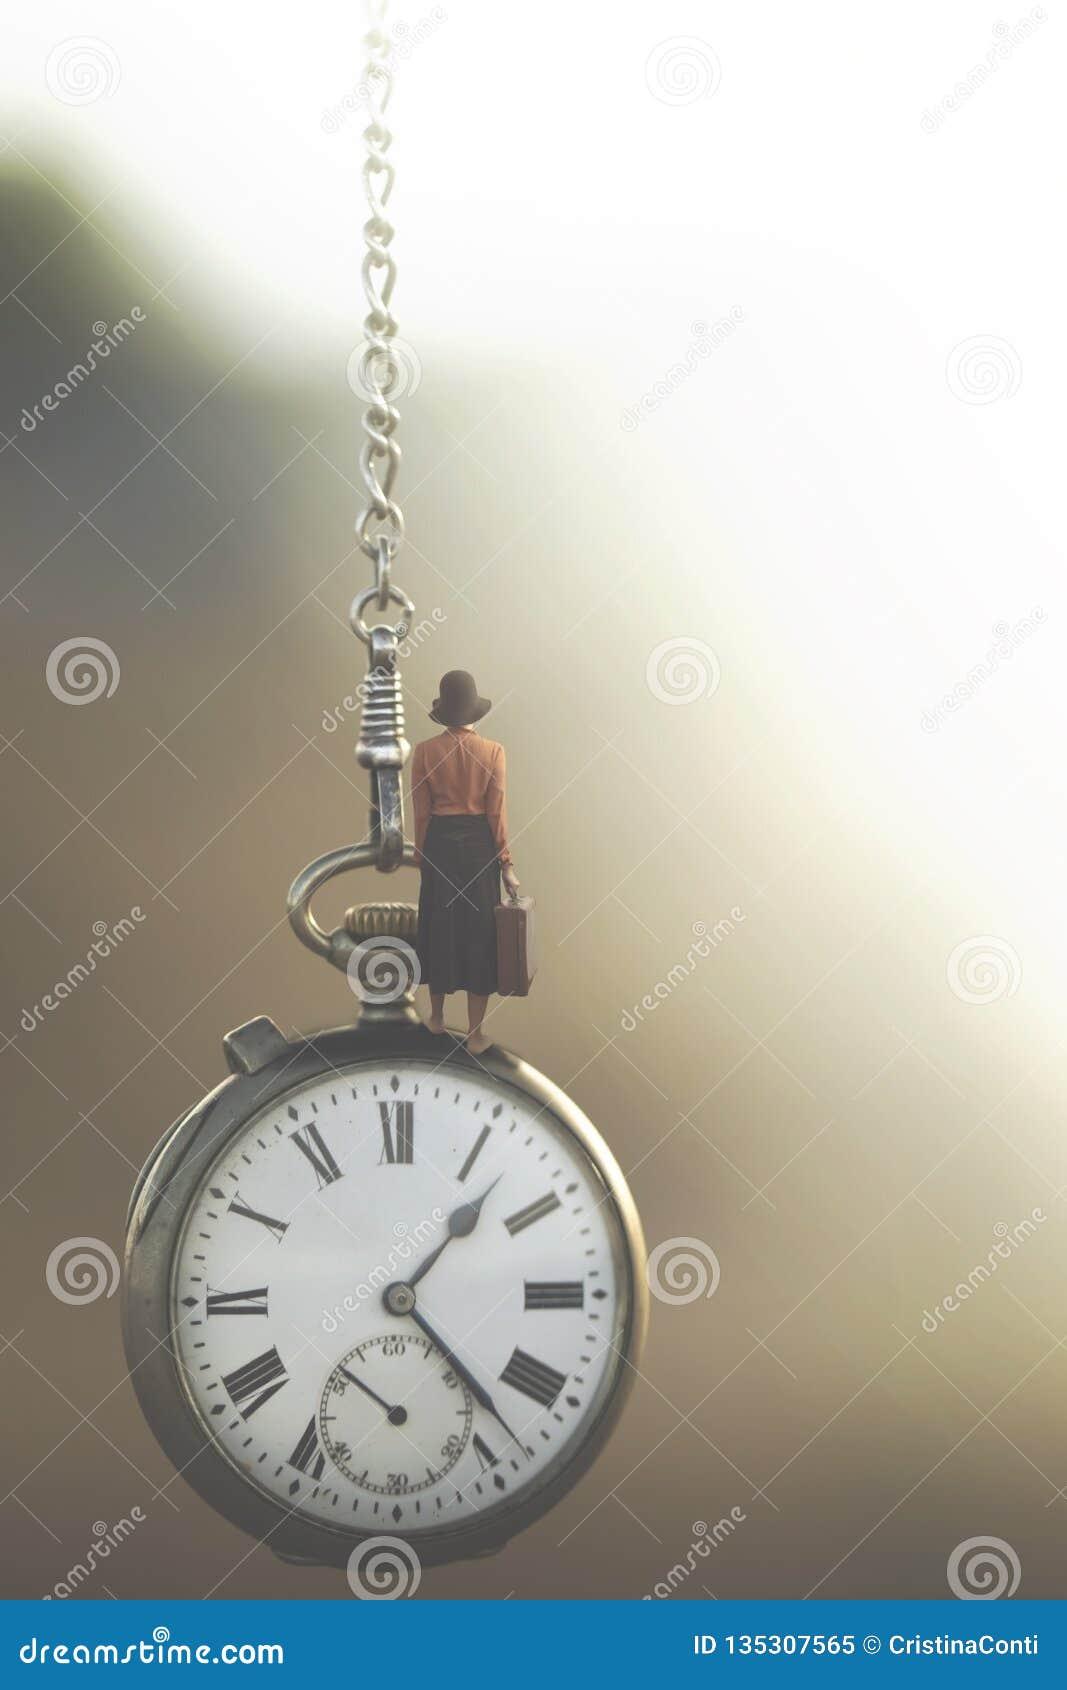 Surreal beeld van een bedrijfsvrouw die onder de controle van snelstromende tijd reist